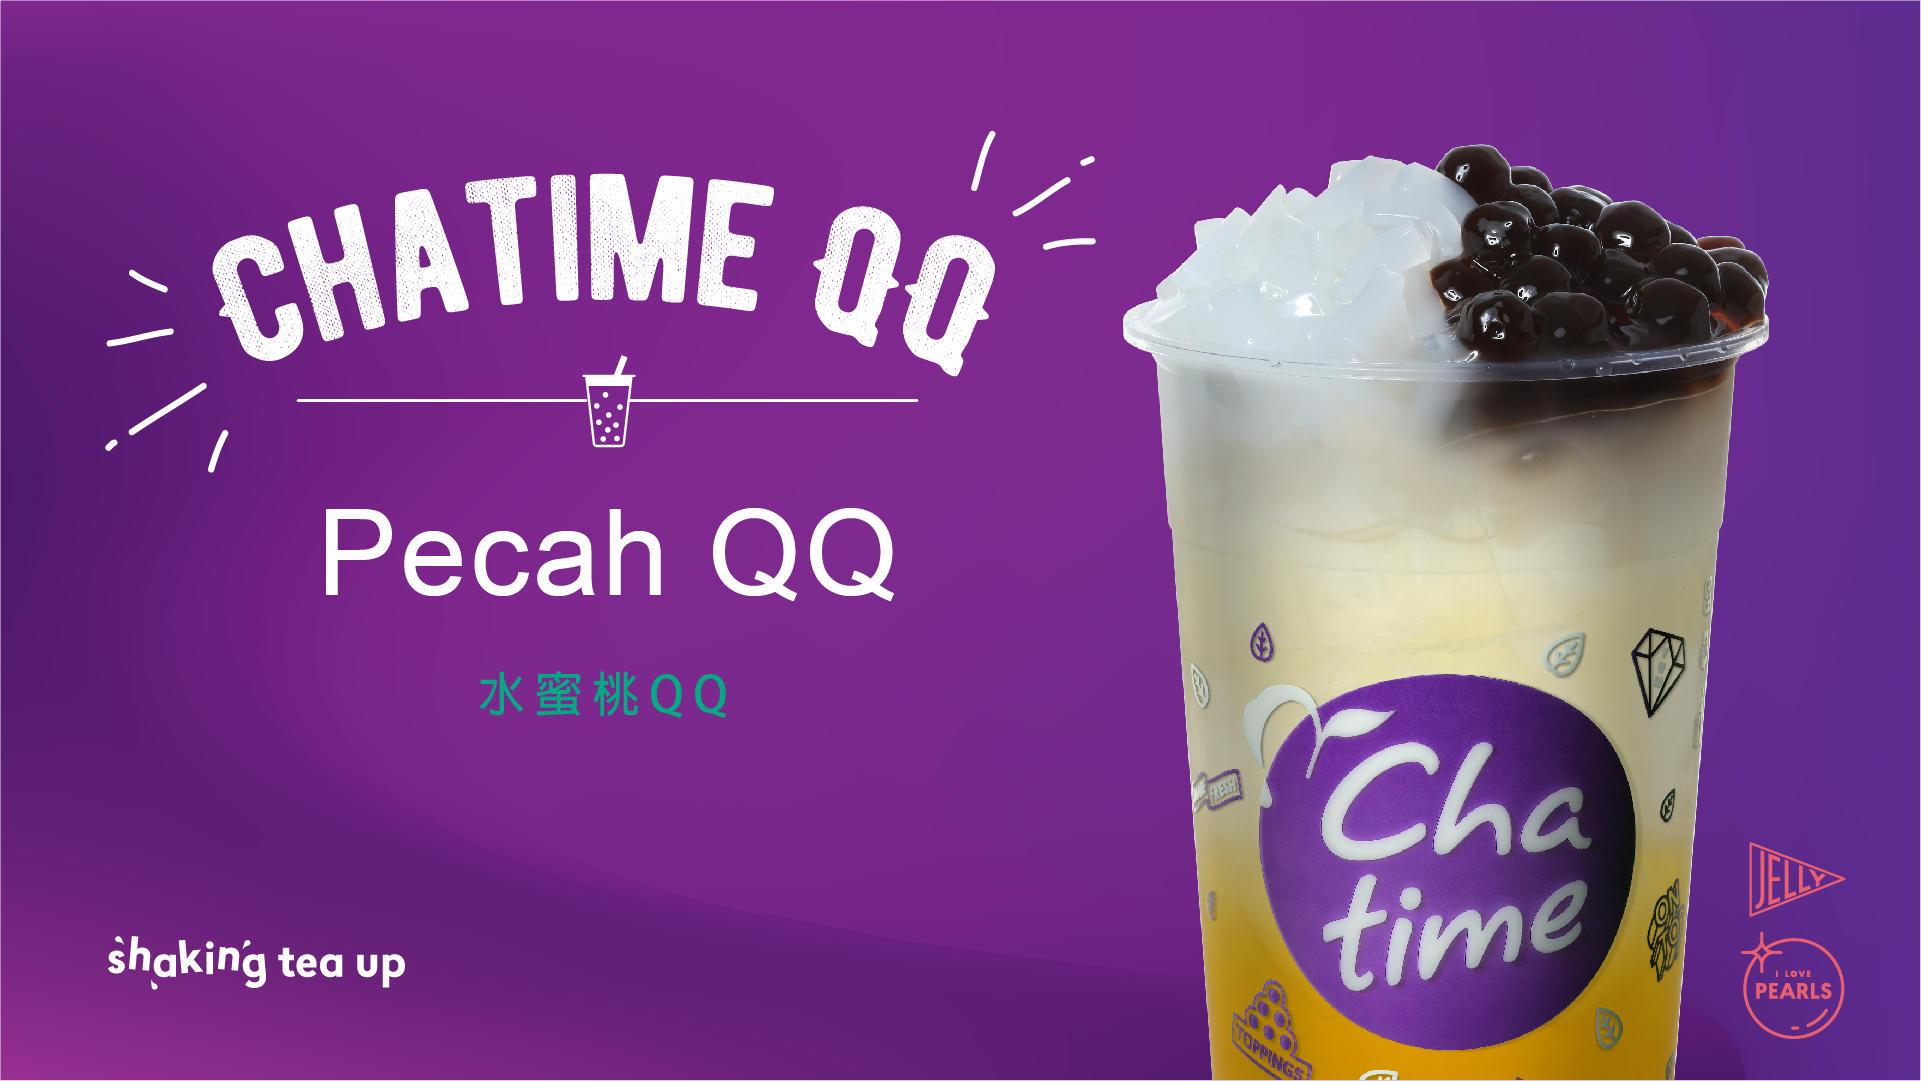 Chatime Bubble Tea & Slurping Noodles image 18